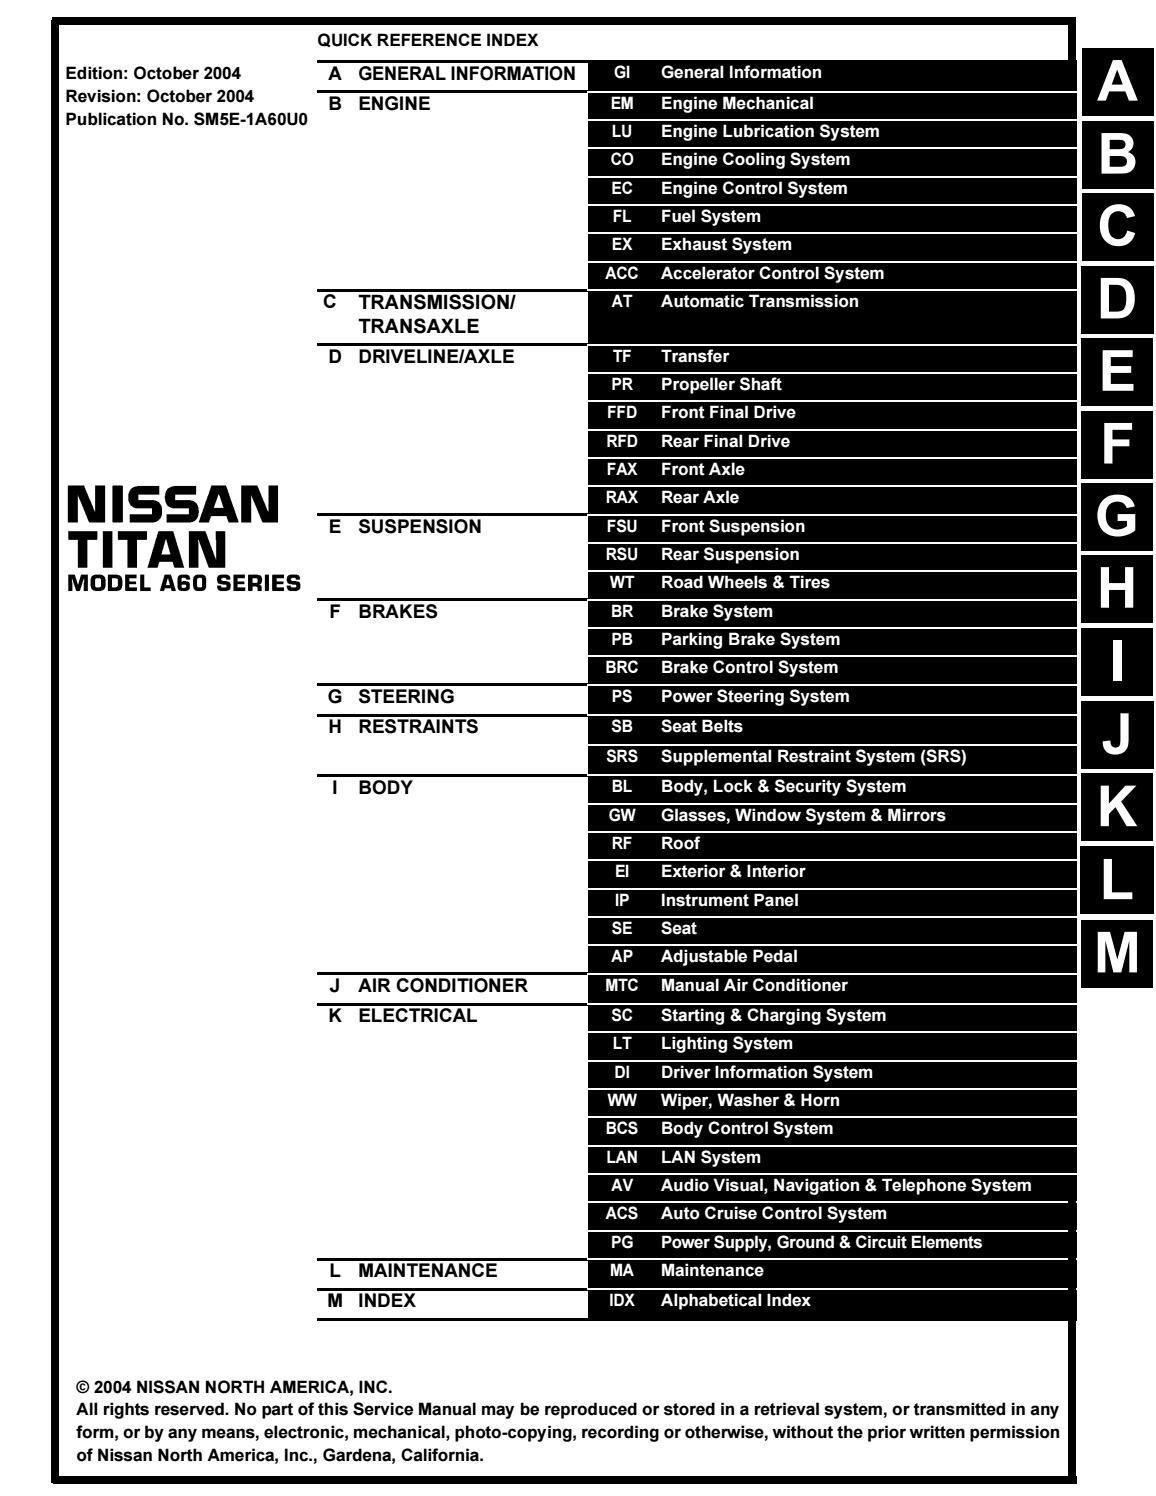 2005 Nissan Titan Service Repair Manual by 163215 - issuuIssuu